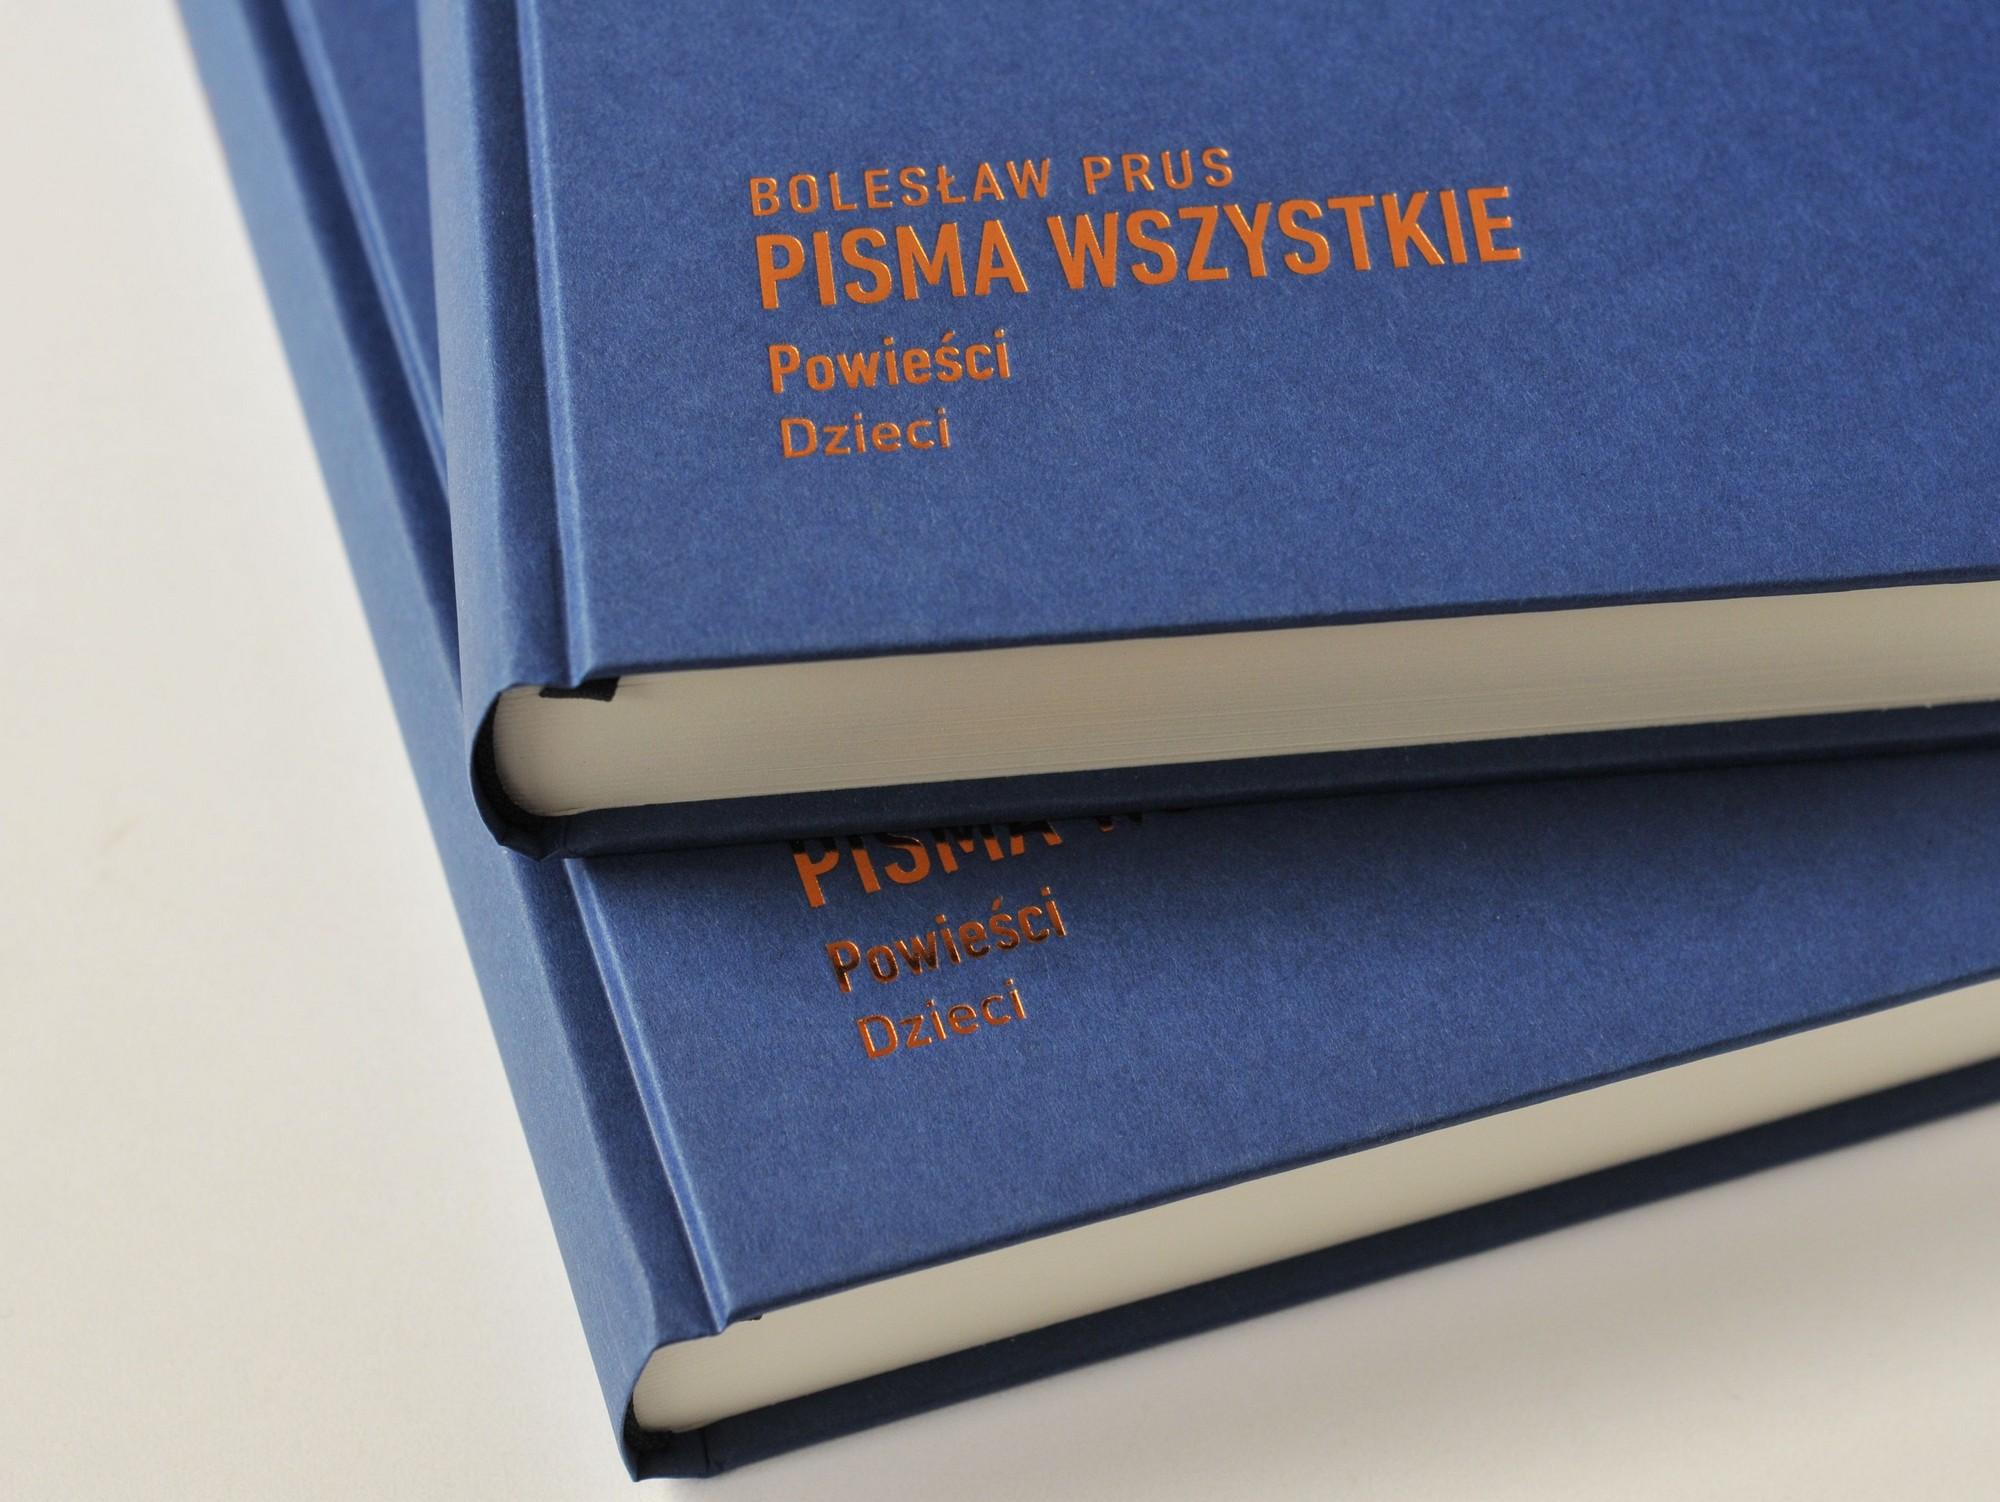 """Bolesław Prus, """"Pisma wszystkie"""" (źródło: materiały prasowe wydawcy)"""